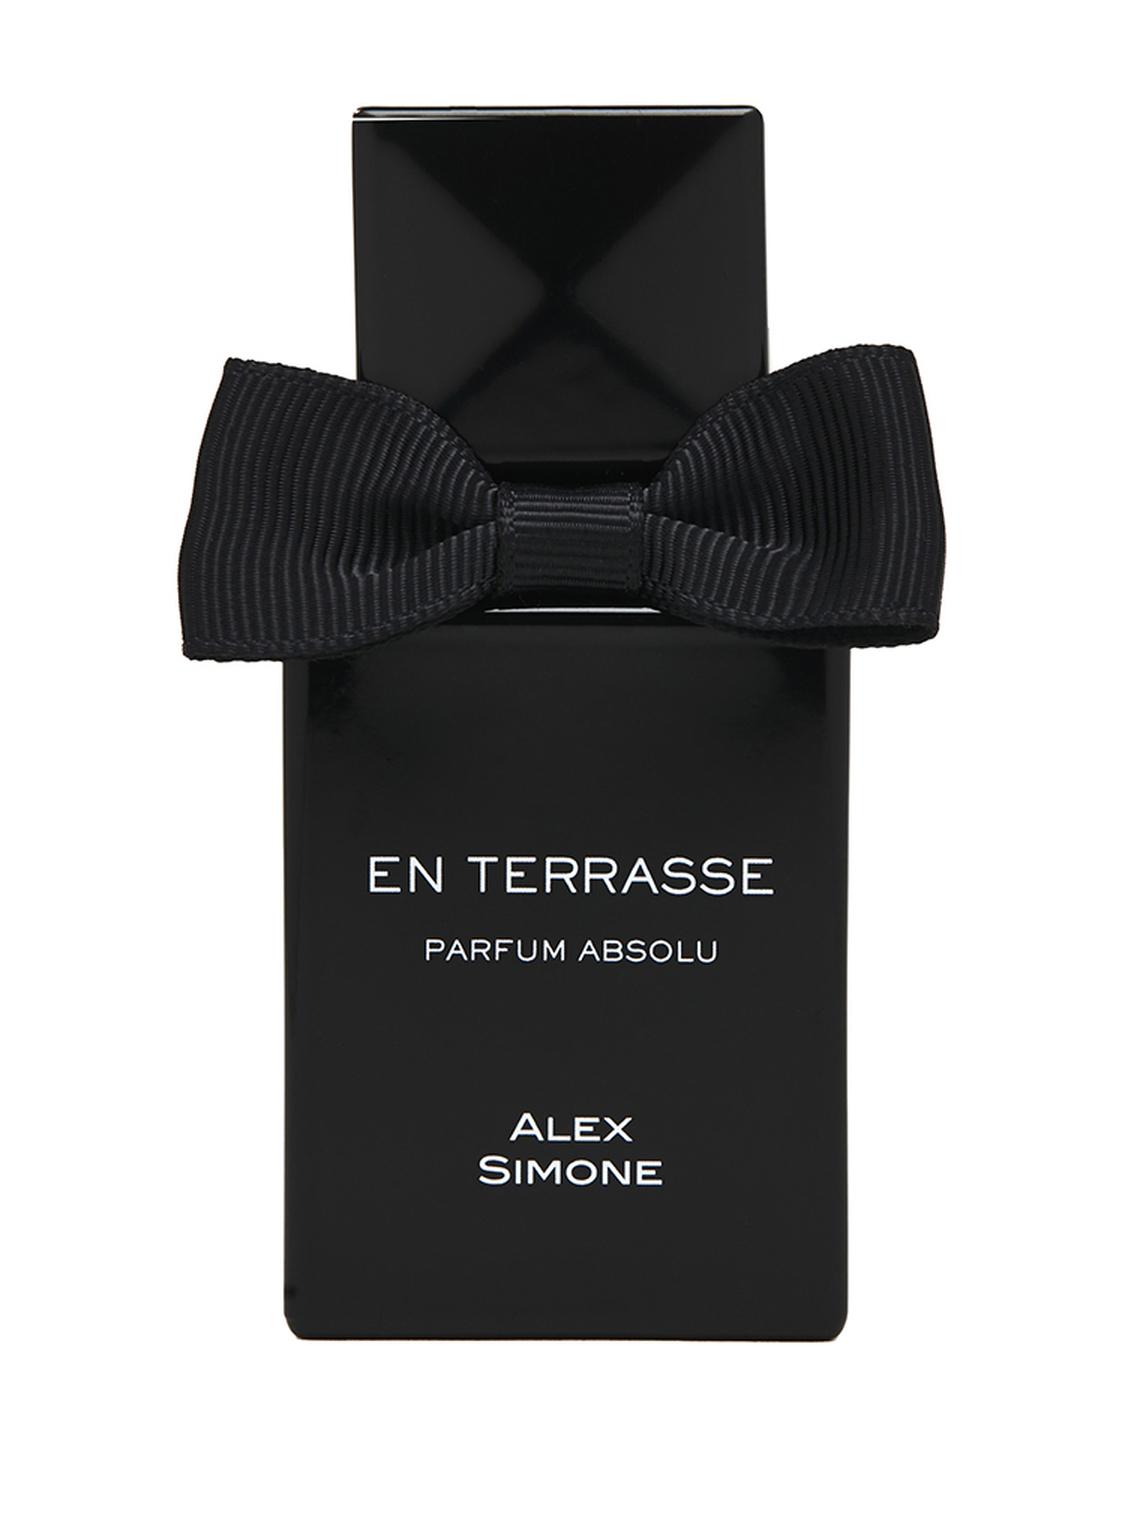 Image of Alex Simone En Terrasse Parfum Absolu Eau de Parfum 30 ml